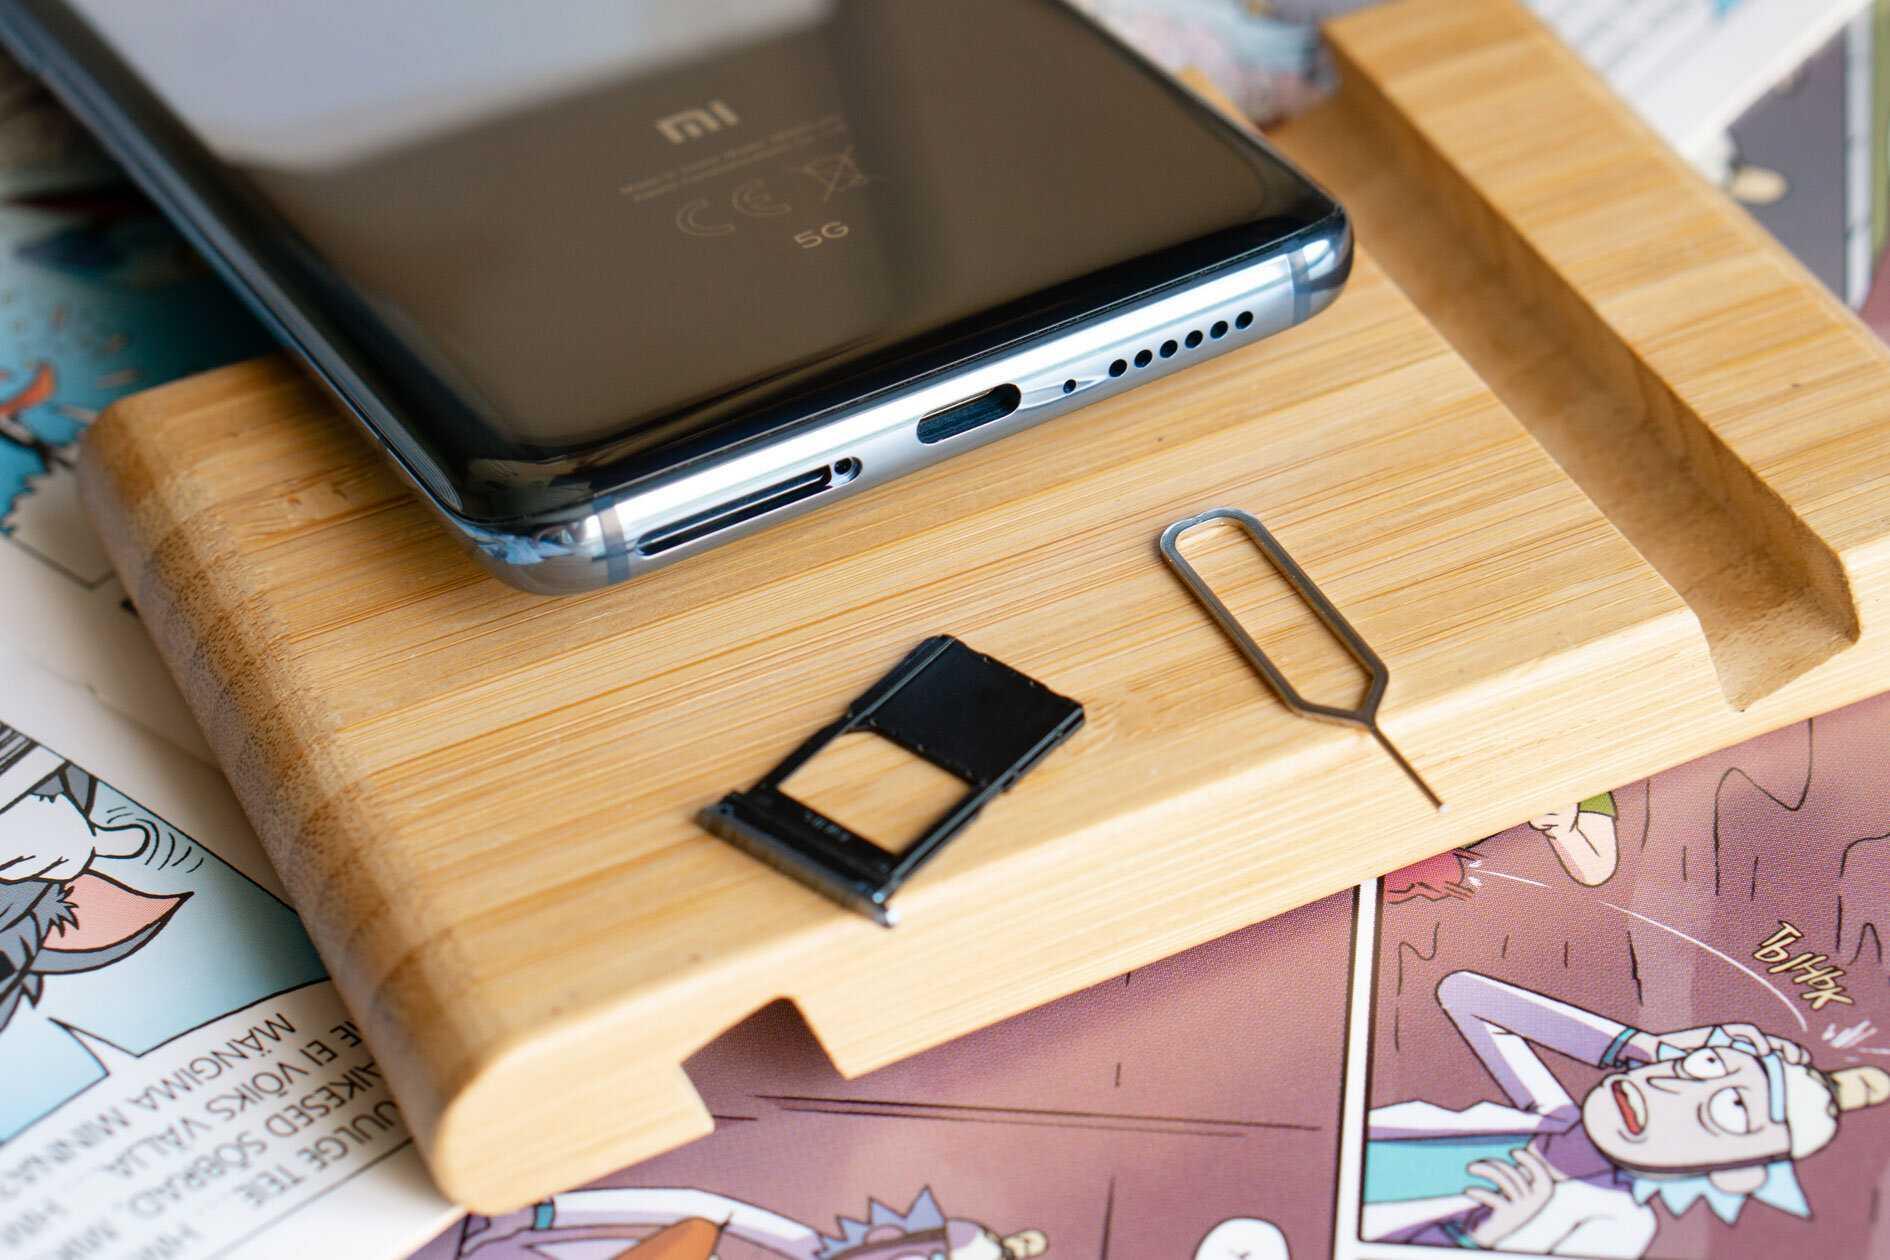 После премьеры смартфона Mi Mix Alpha стало понятно что компания Xiaomi показала последний флагман в этом сегменте до конца текущего года Стоит отметить что слухи на